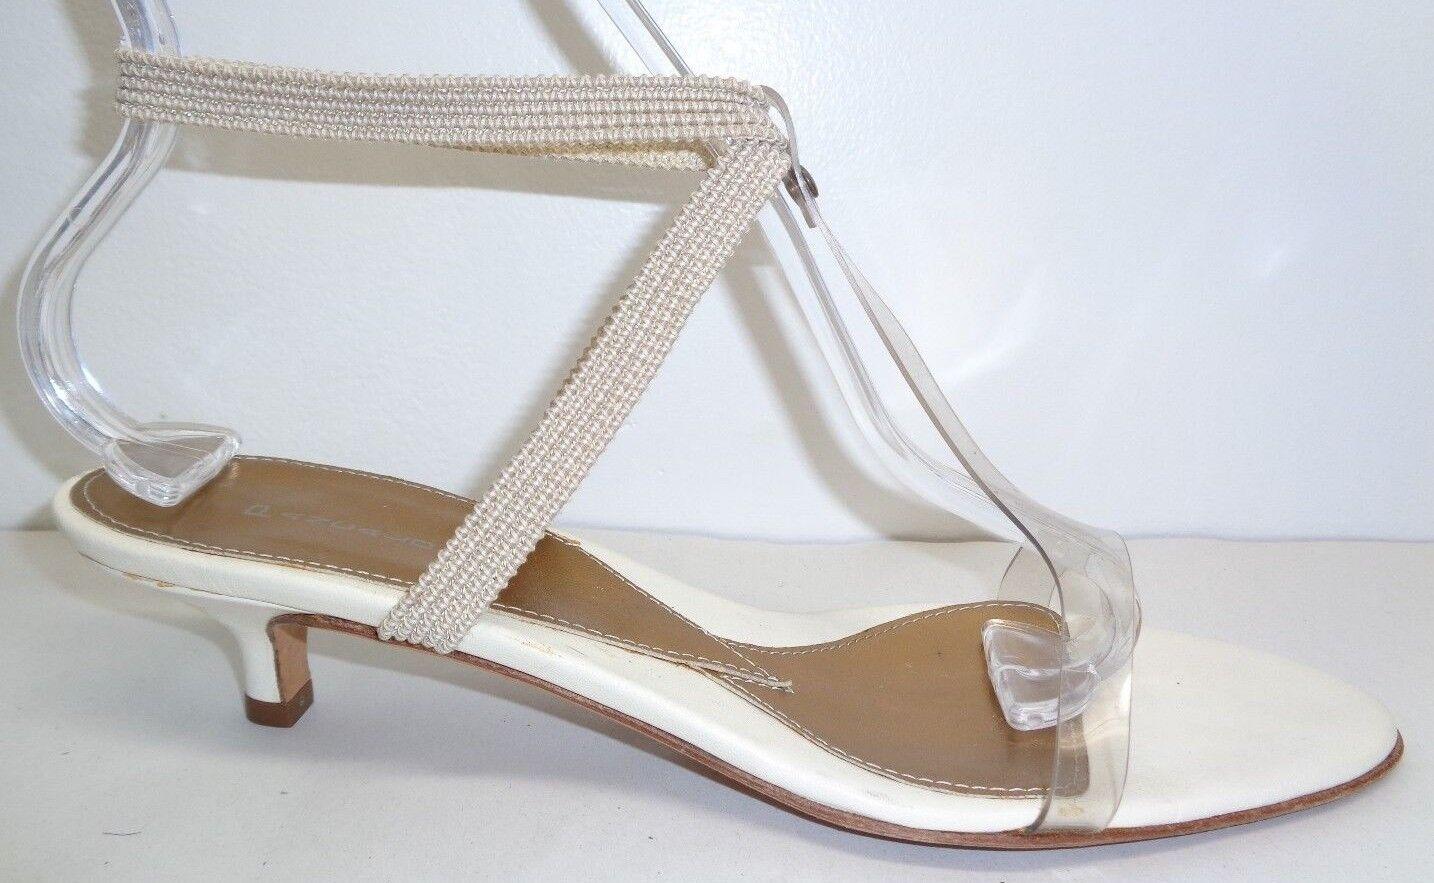 Pancaldi Taille 9.5 Eur 39.5 FB3412 Beige blanc Heels Sandals New femmes chaussures